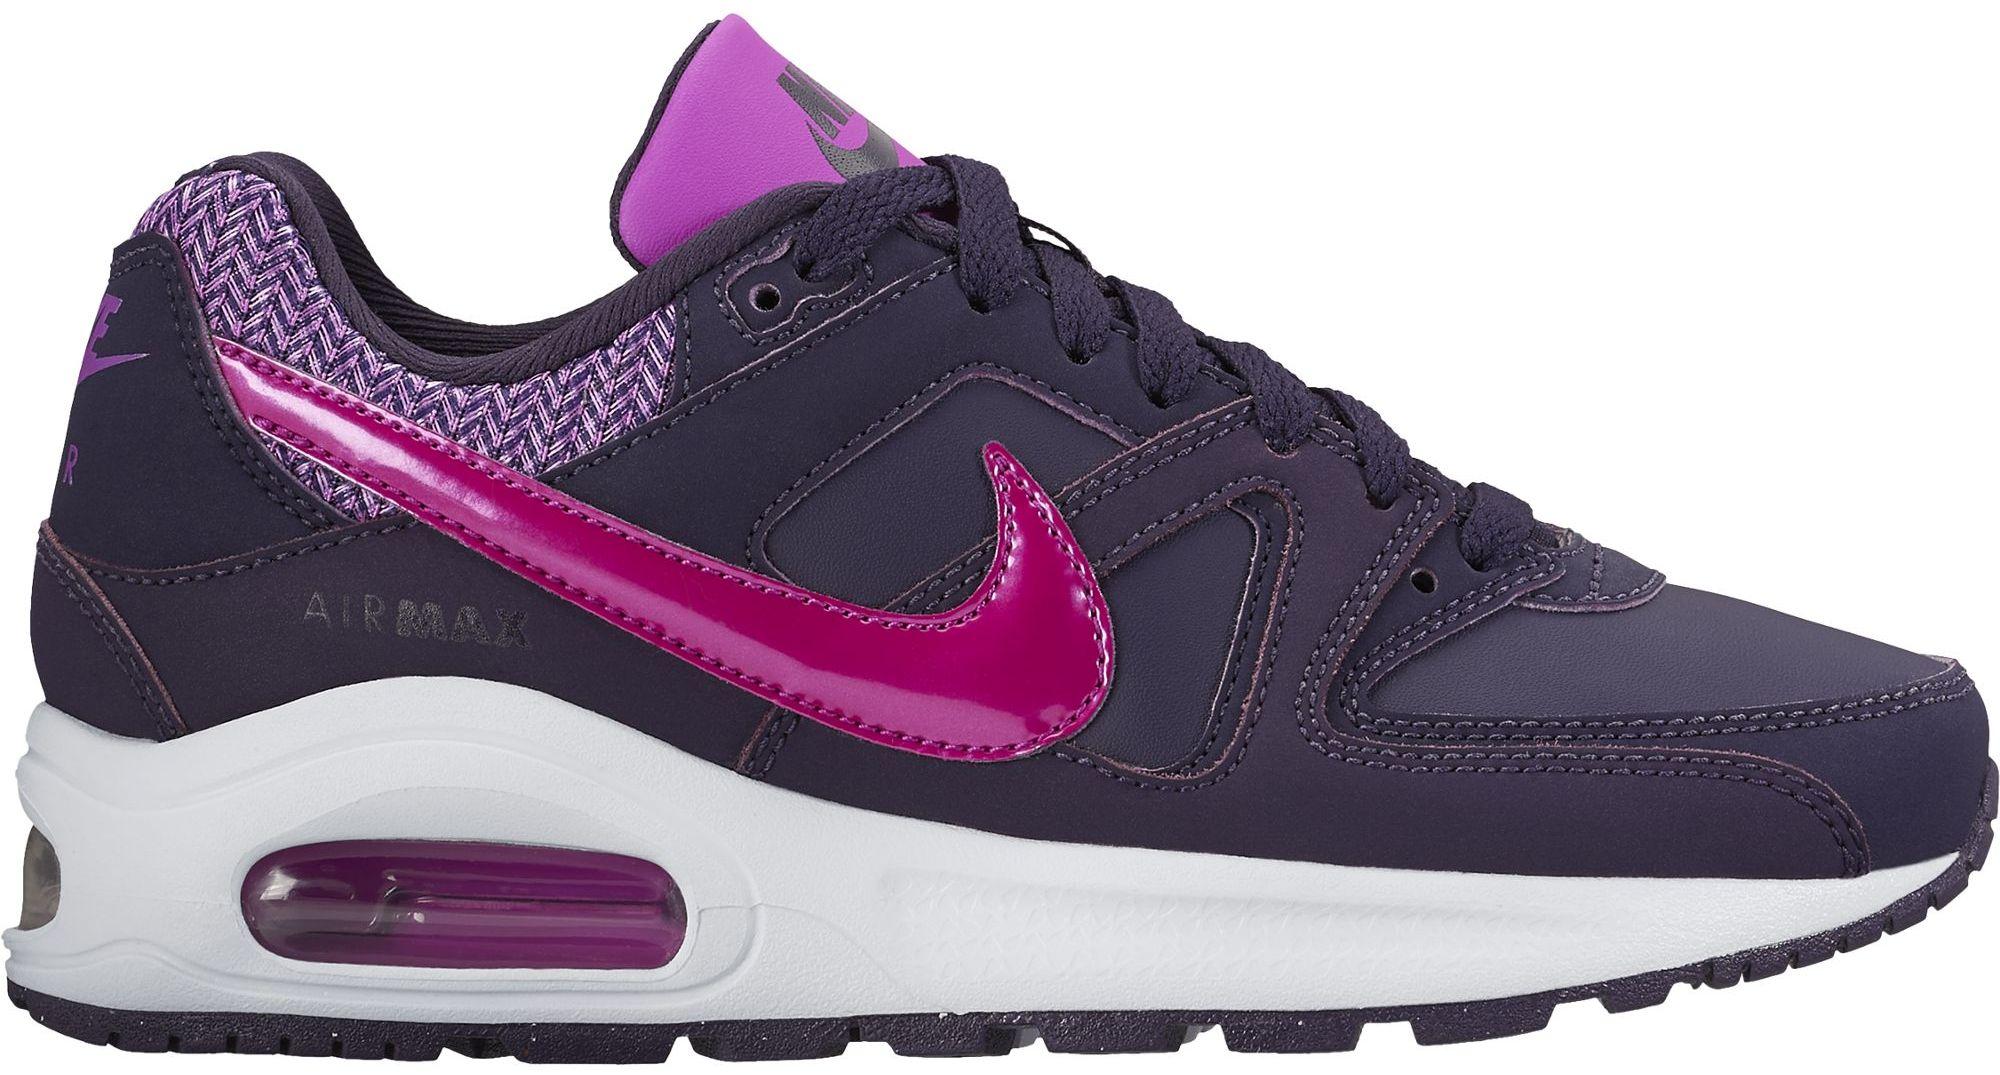 Ltrgs Command Air Nike Max Flex nwOmvyN8P0